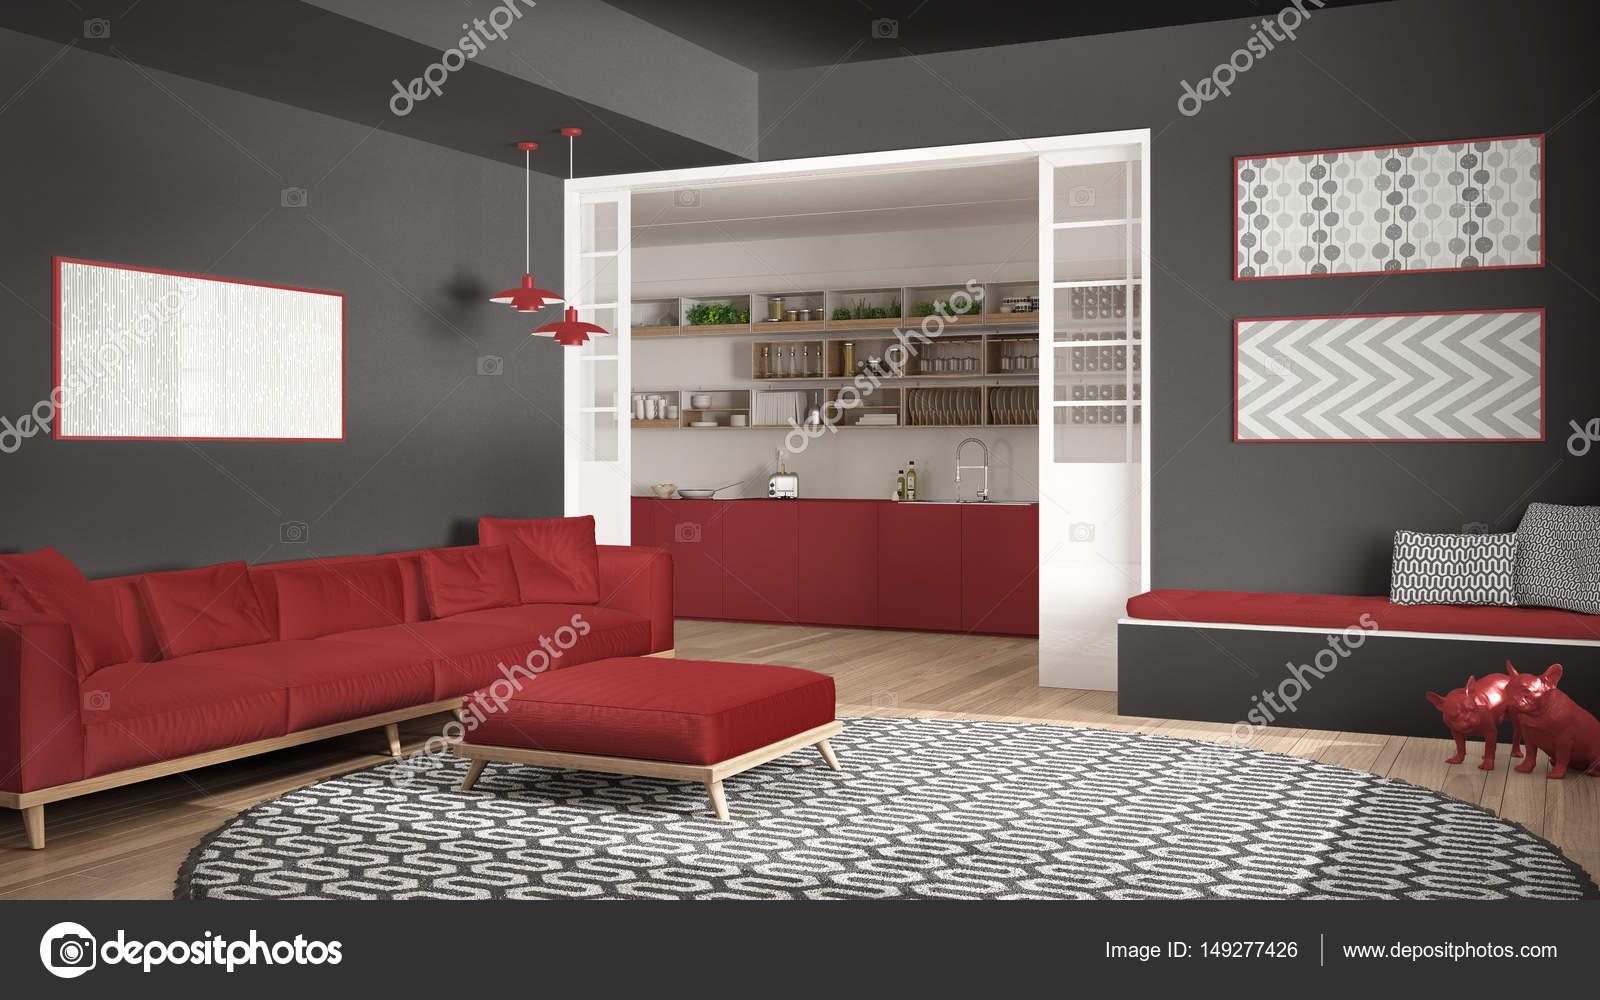 minimalistisch wohnen zimmer mit sofa gro er runder teppich und k che i stockfoto archiviz. Black Bedroom Furniture Sets. Home Design Ideas